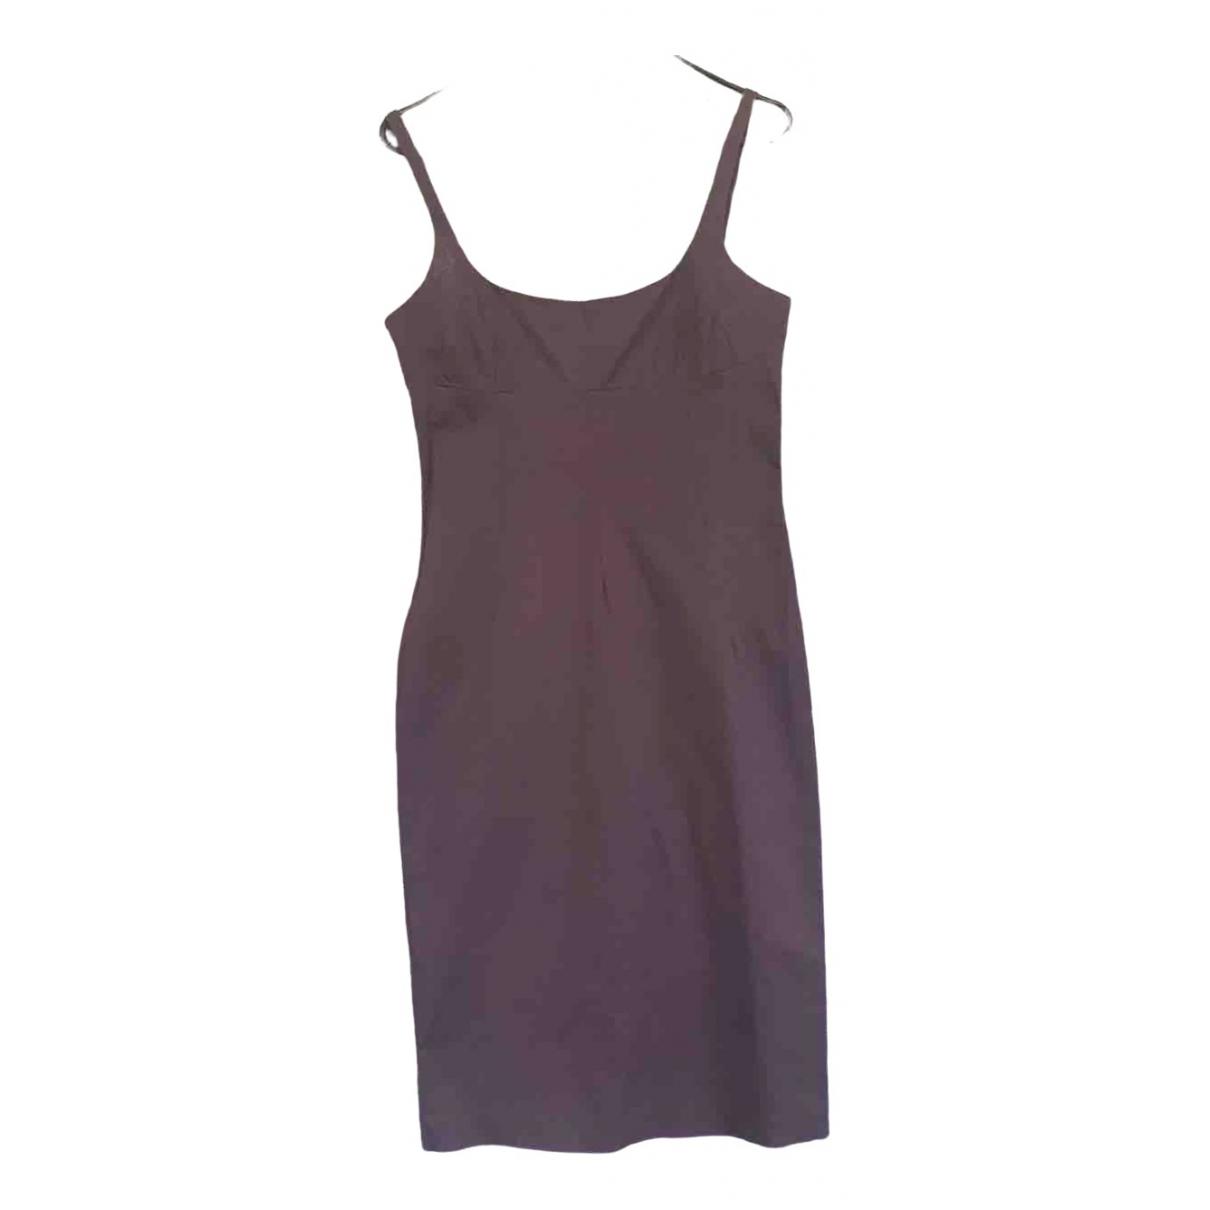 D&g \N Kleid in  Braun Baumwolle - Elasthan